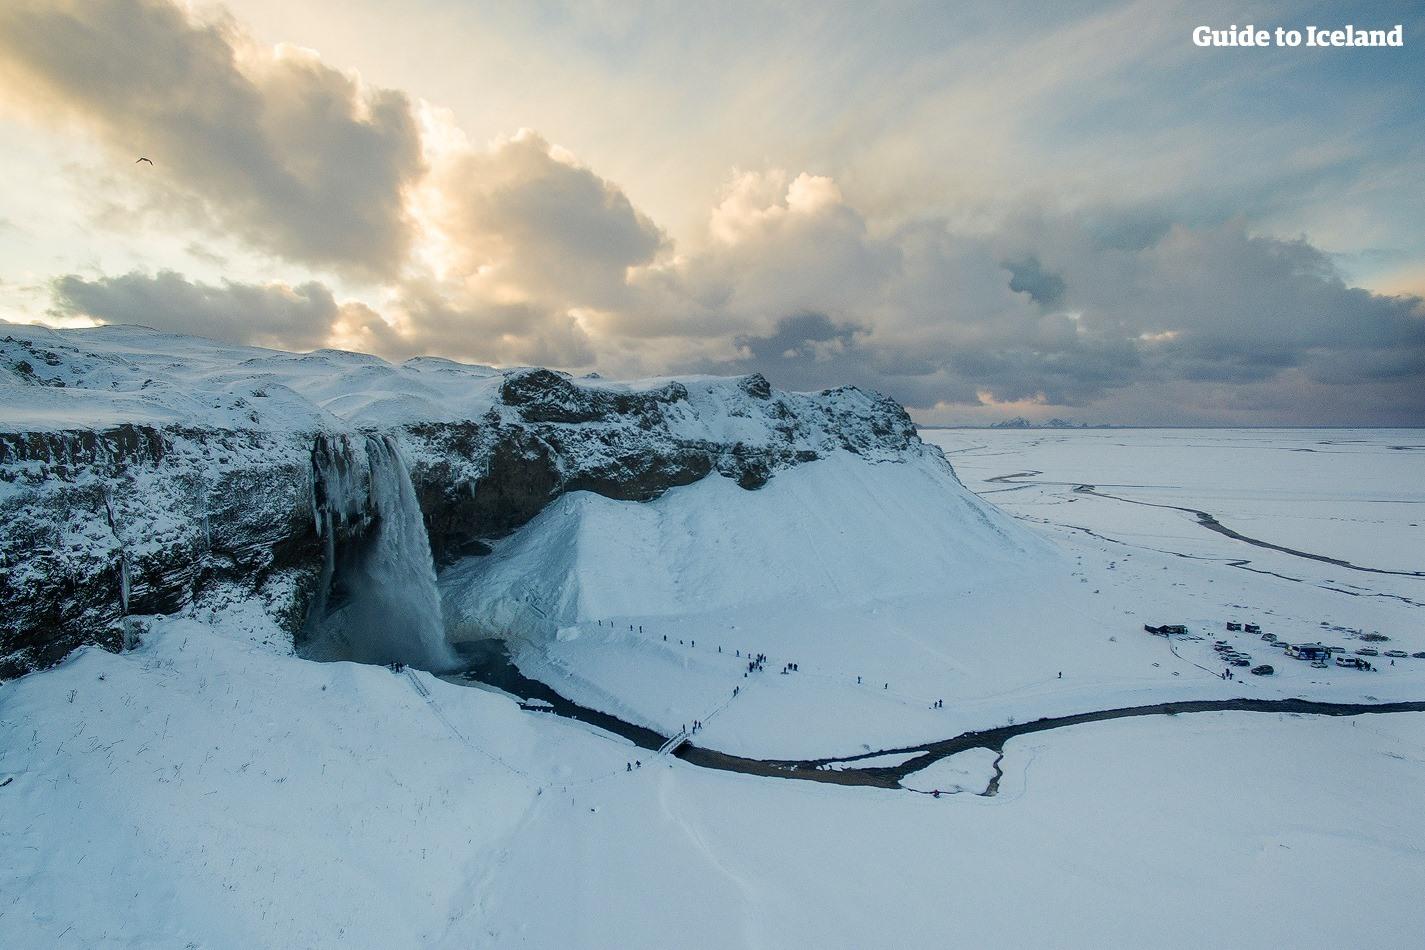 8天7夜环岛中文导游精品团|冬季来冰岛追极光,雷克雅未克出发,圣诞新年春节多个日期 - day 2